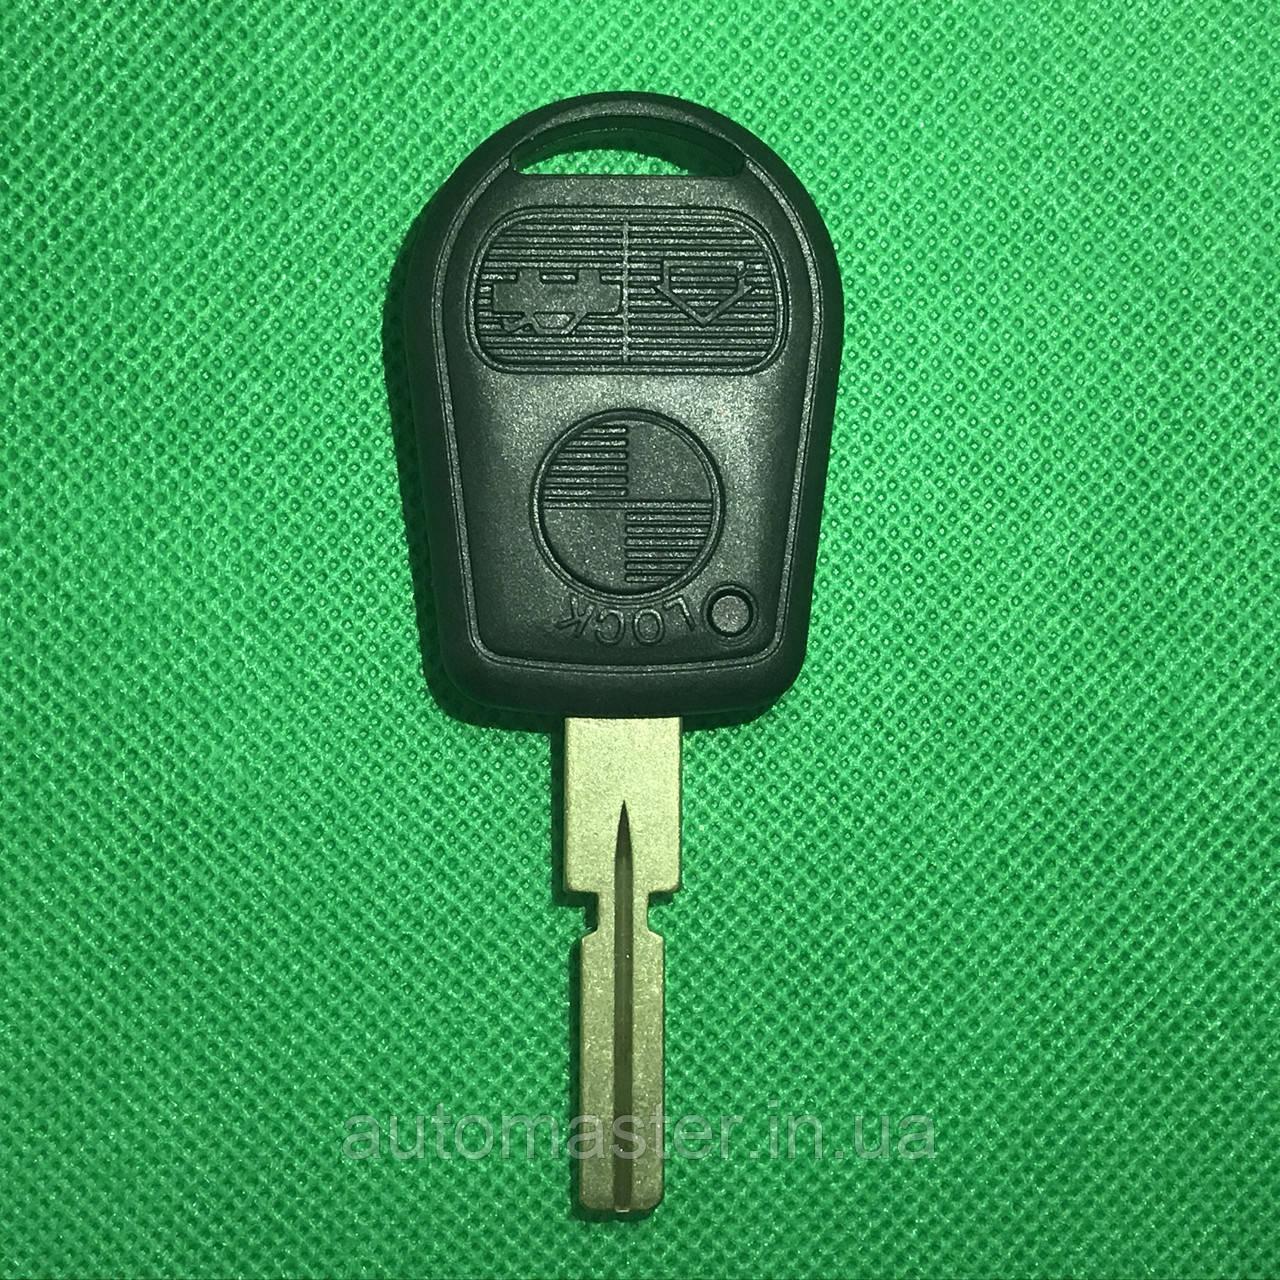 Ключ БМВ Bmw 3, 5, 7, x5  чип ID 44 E38,E39,E46 ,433Mhz Лезвие HU58